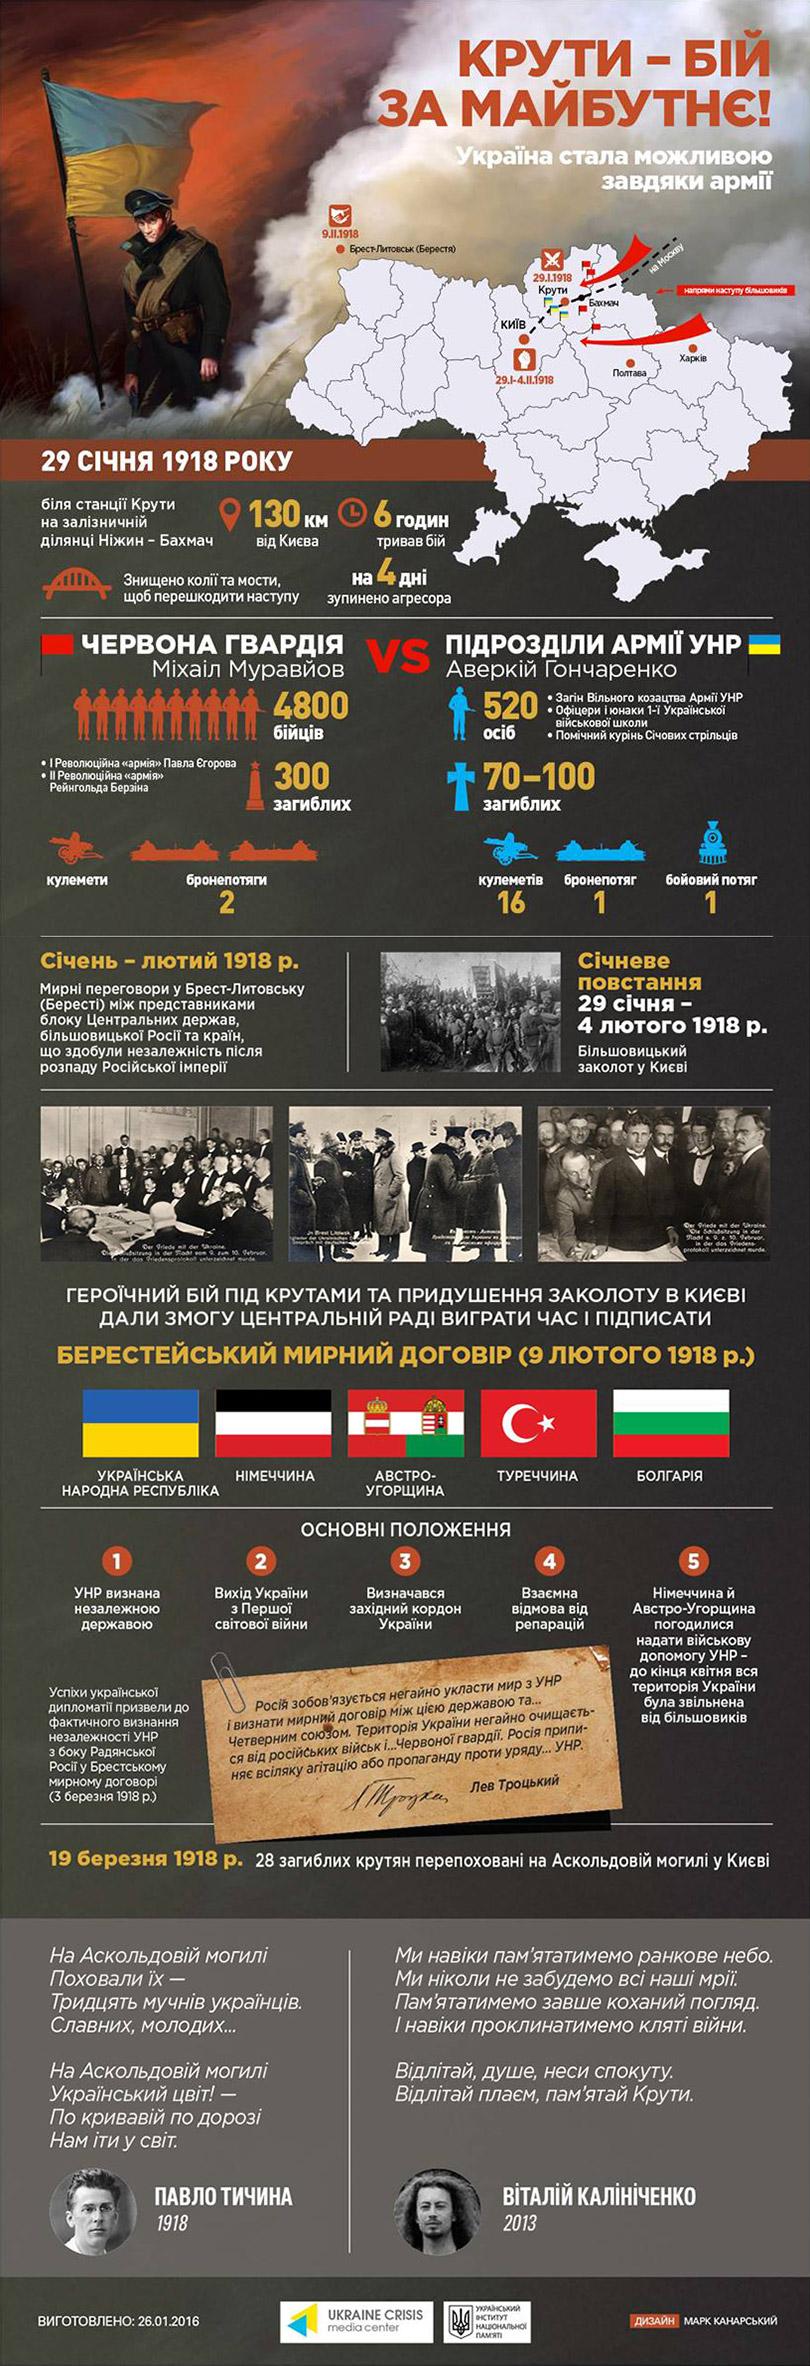 Інфографіка Інституту національної пам'яті